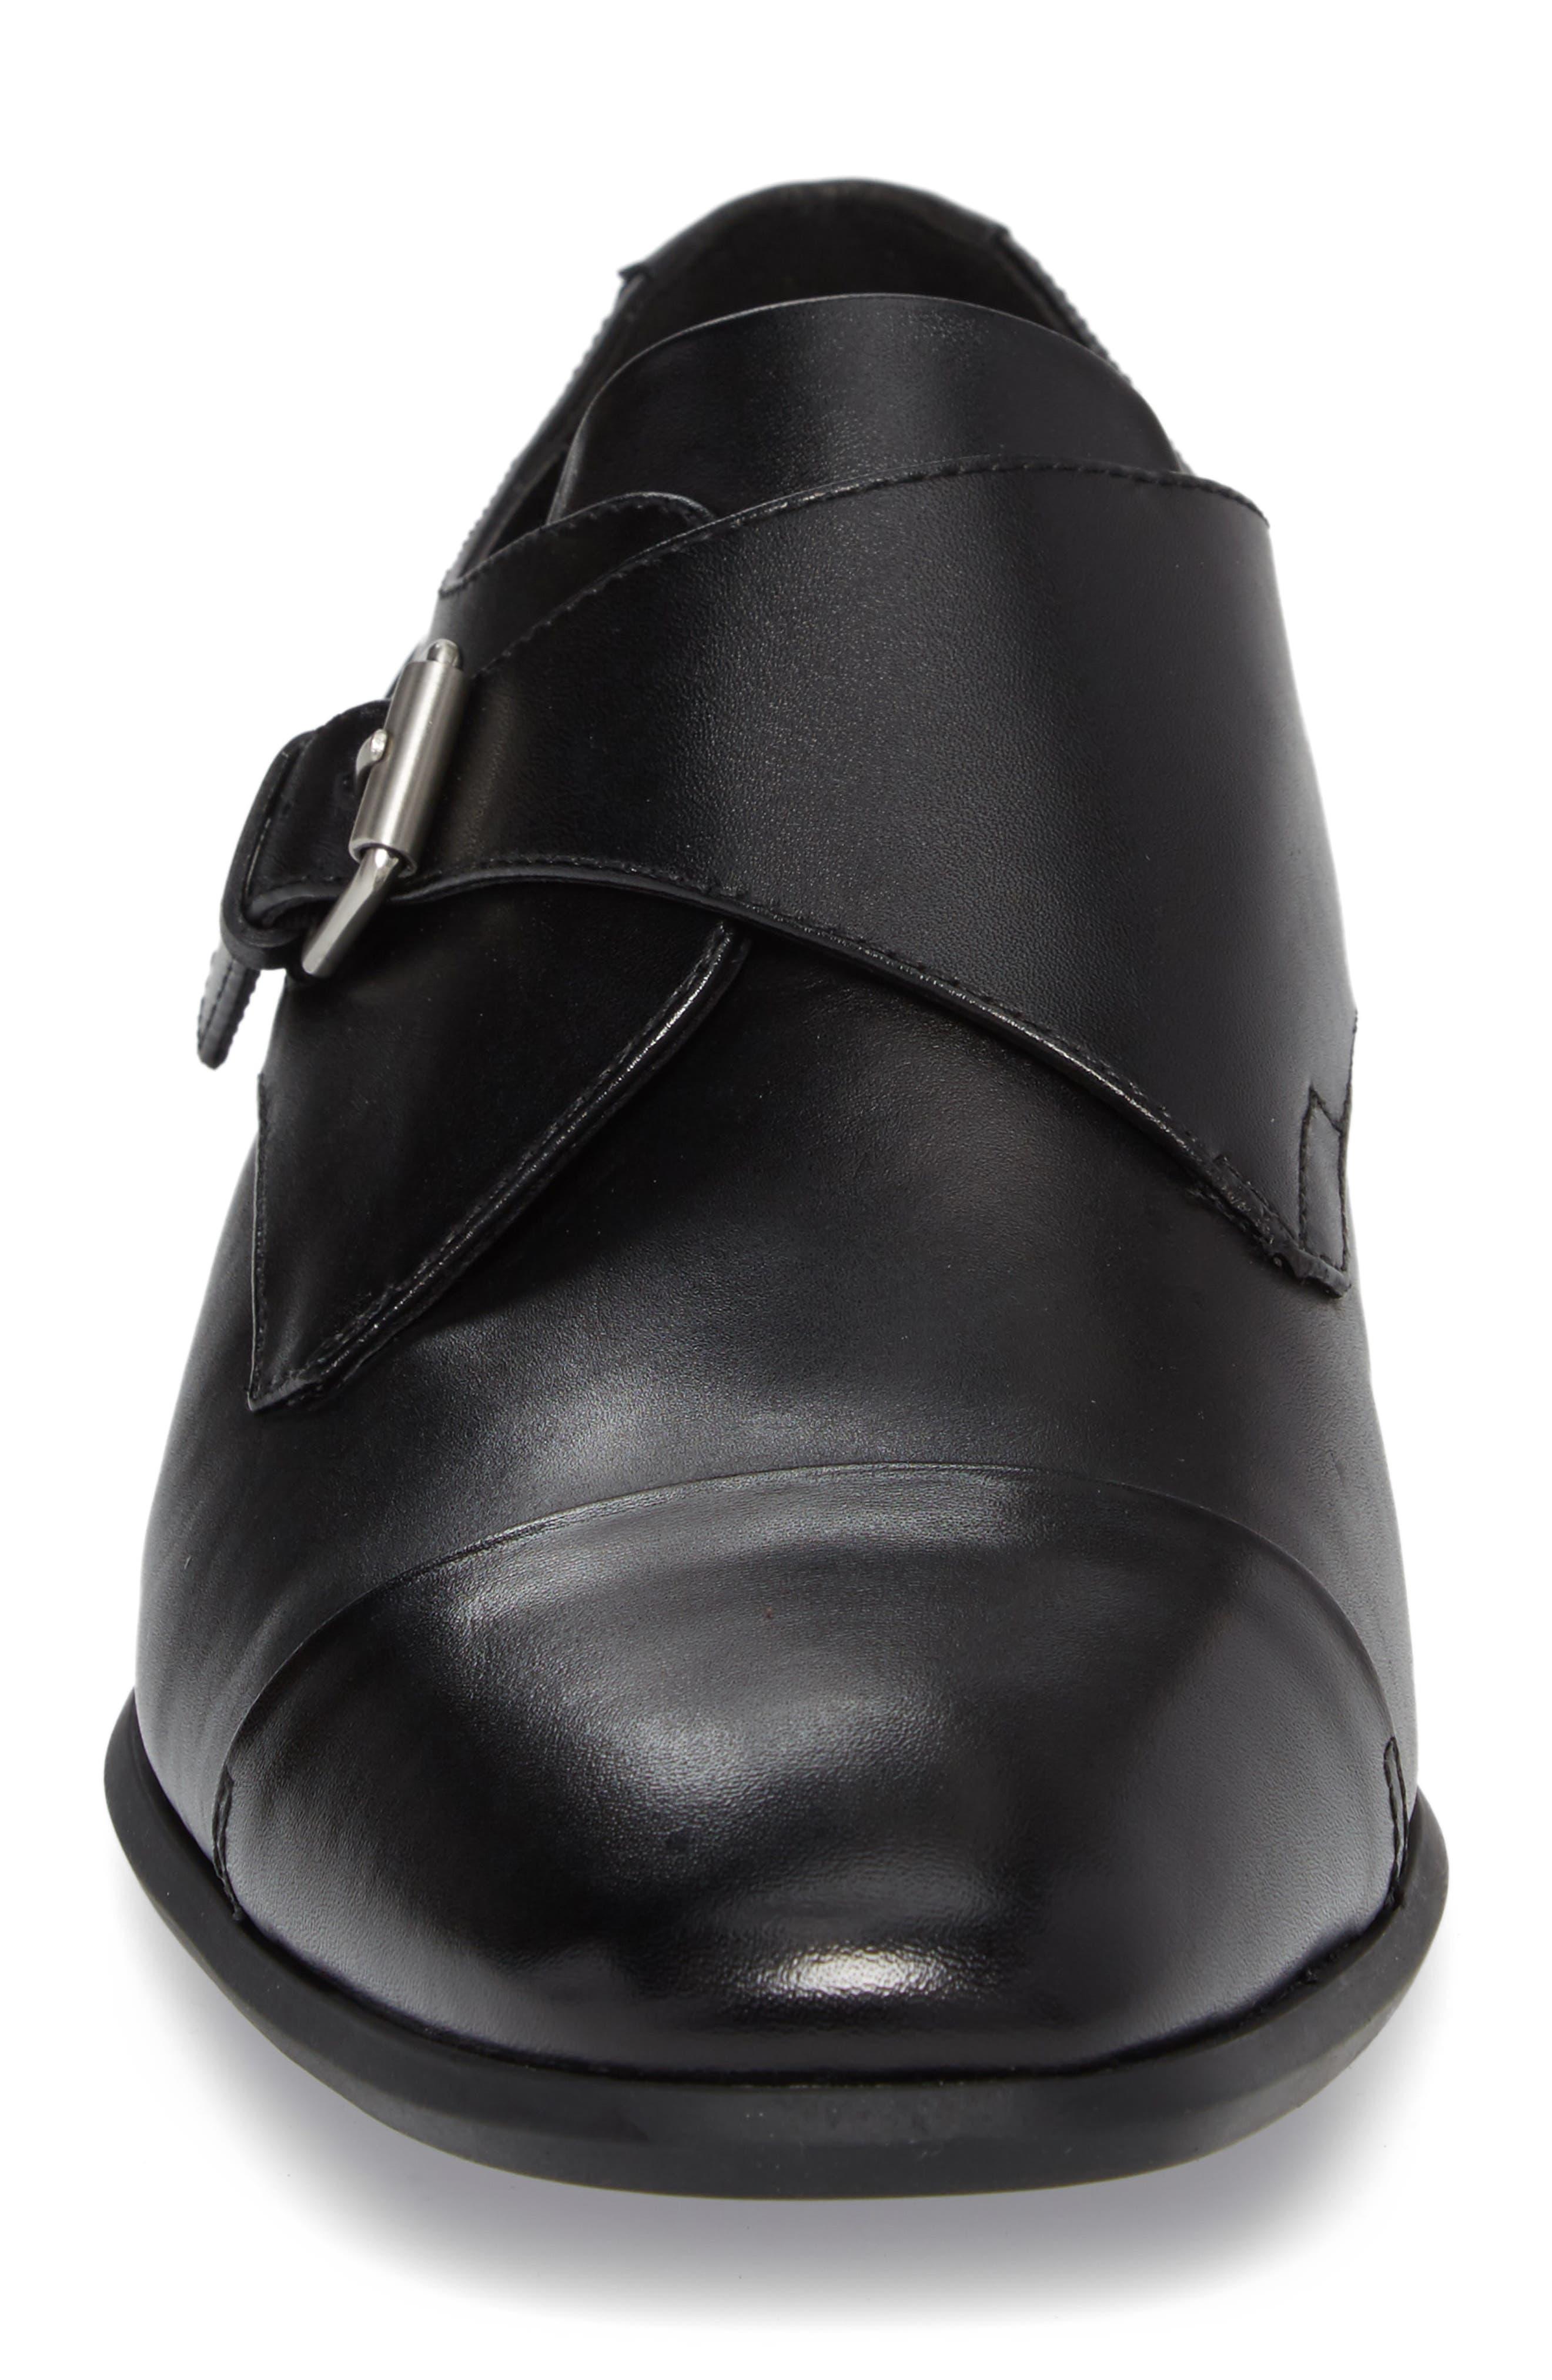 Lucus Monk Strap Shoe,                             Alternate thumbnail 4, color,                             BLACK LEATHER